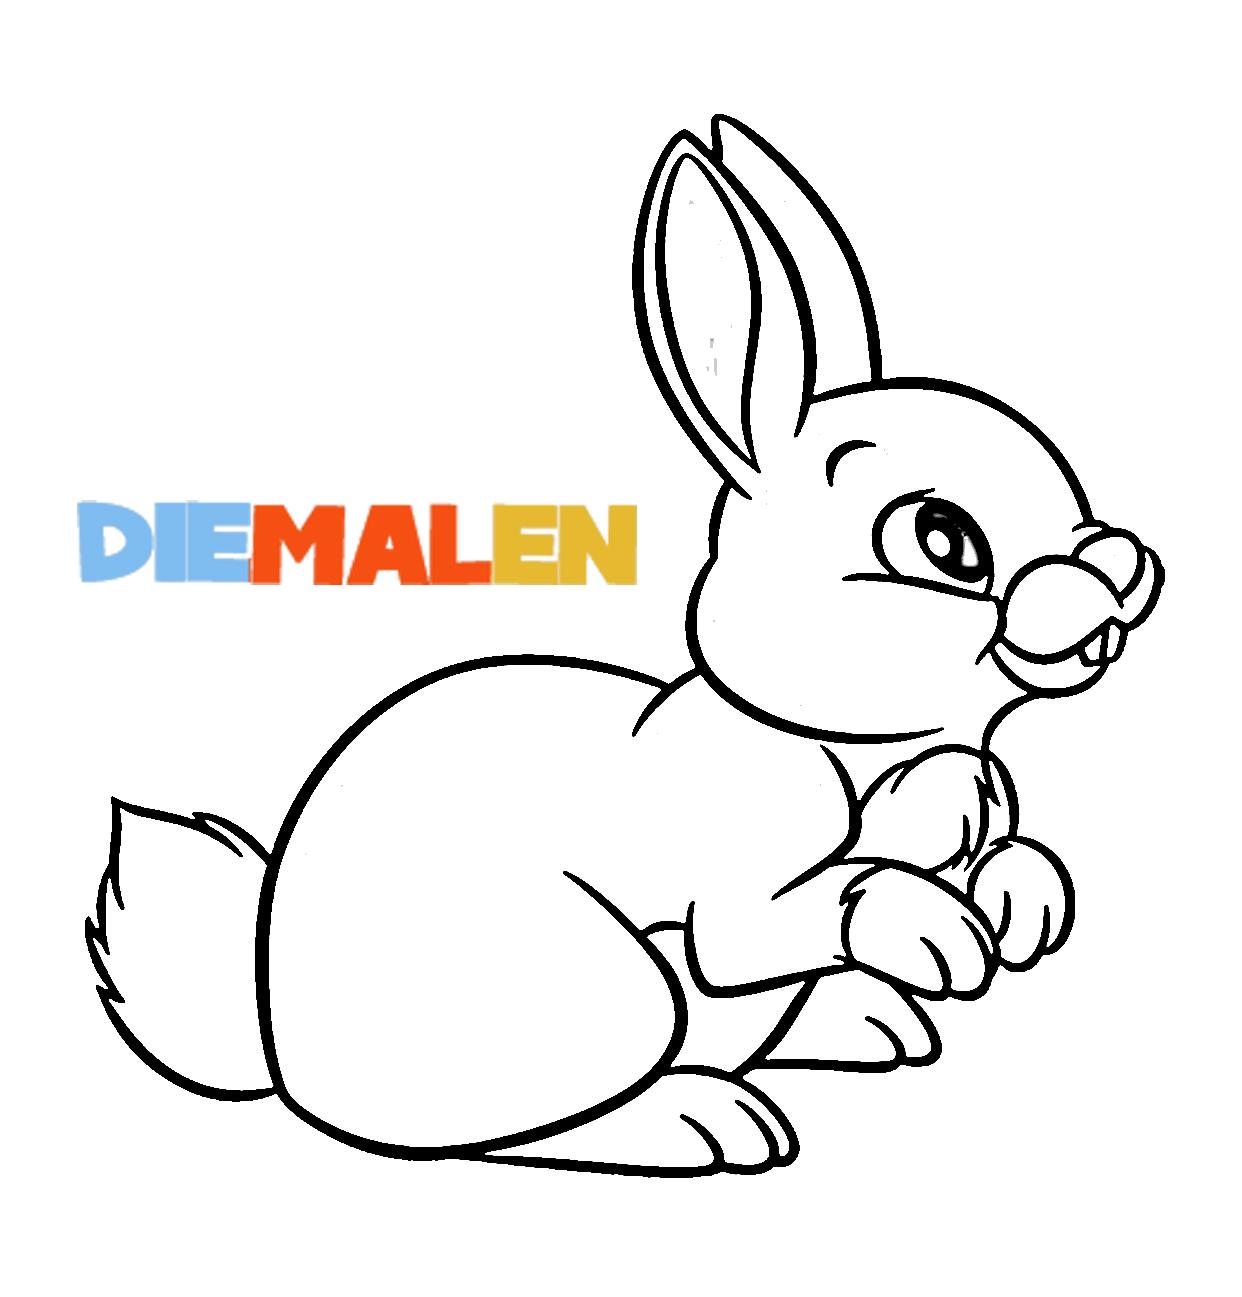 Ausmalbilder Hasen – Kaninchen → DieMalen.com